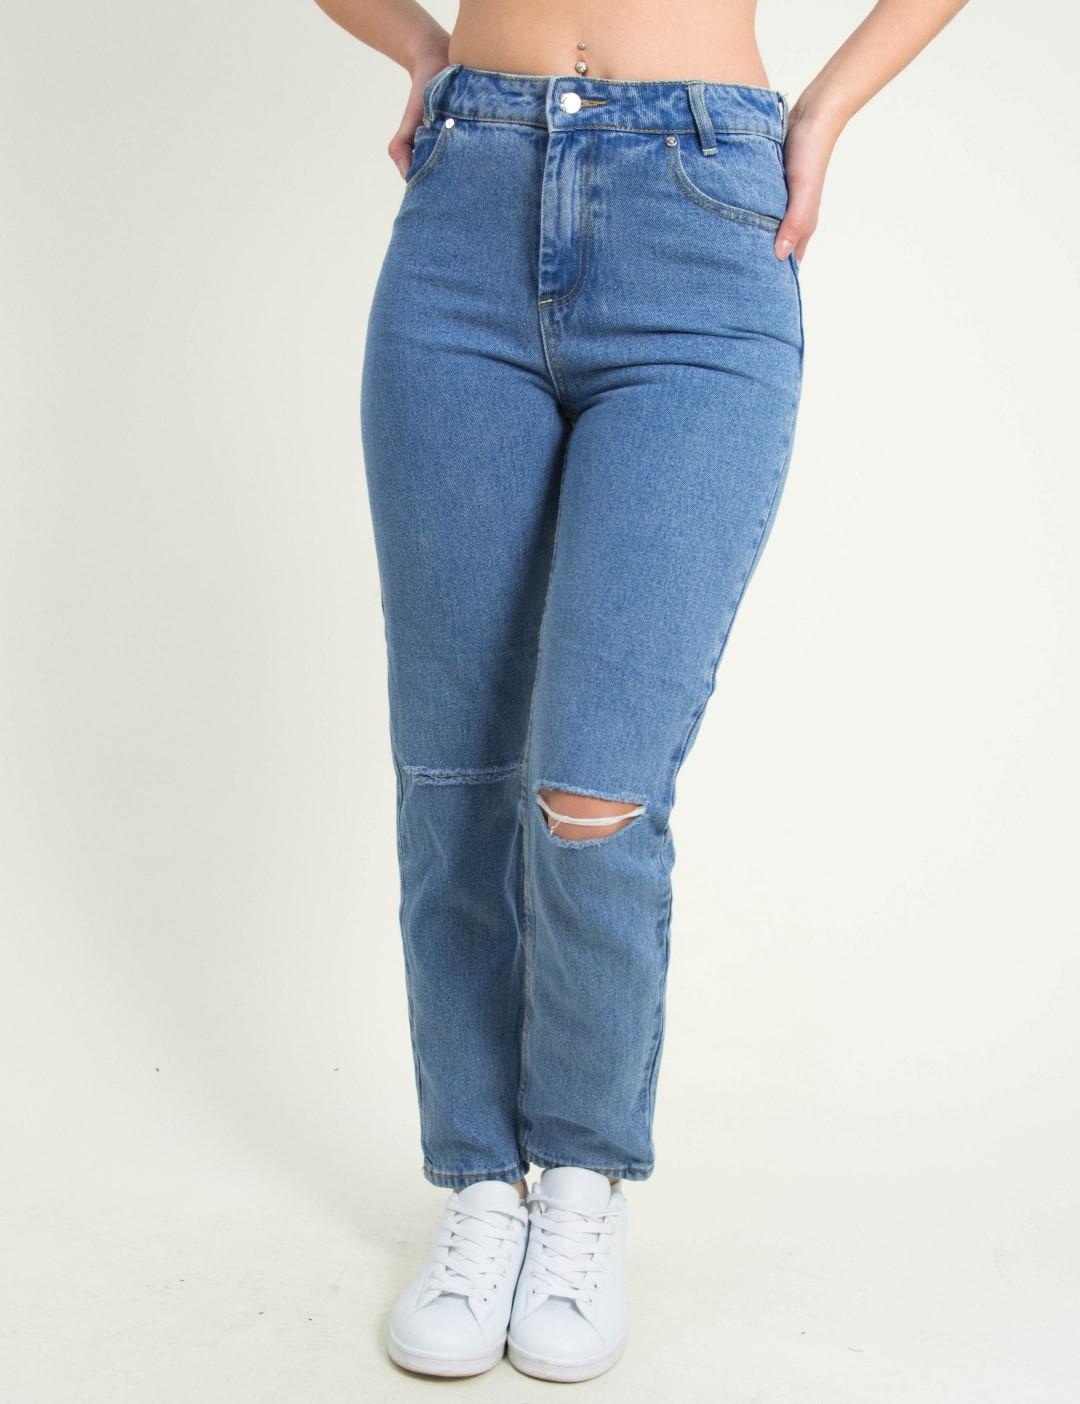 Γυναικείο μπλε ανοιχτό τζιν Mom Fit σκίσιμο γόνατα ITA924 8d72efe9ee7